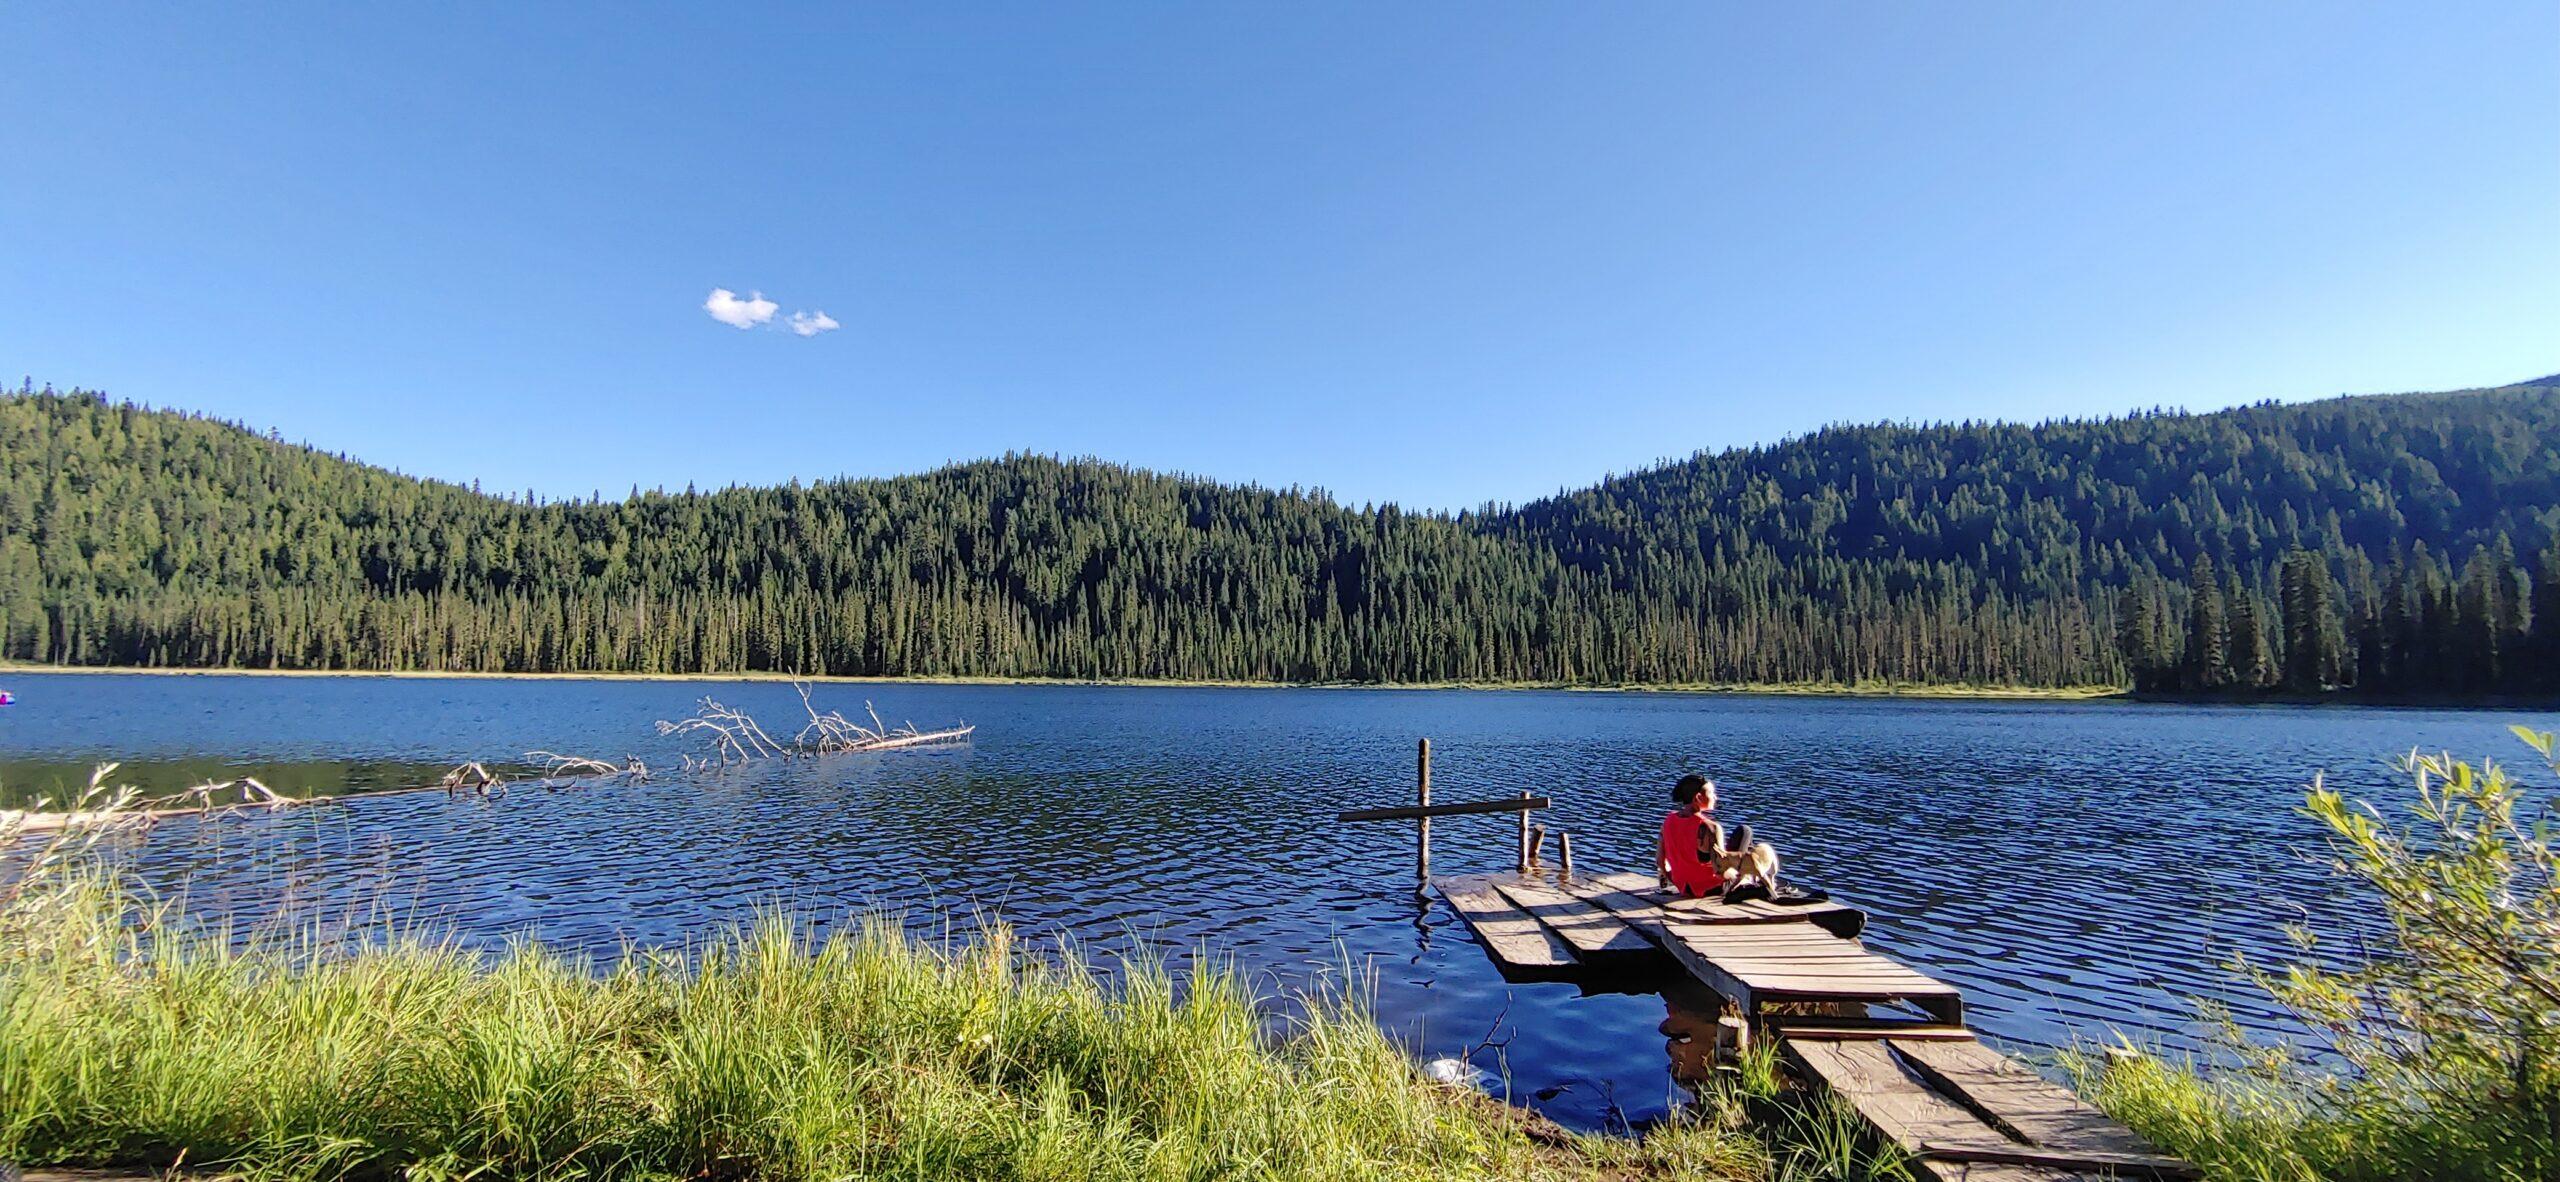 lake in the okanagan